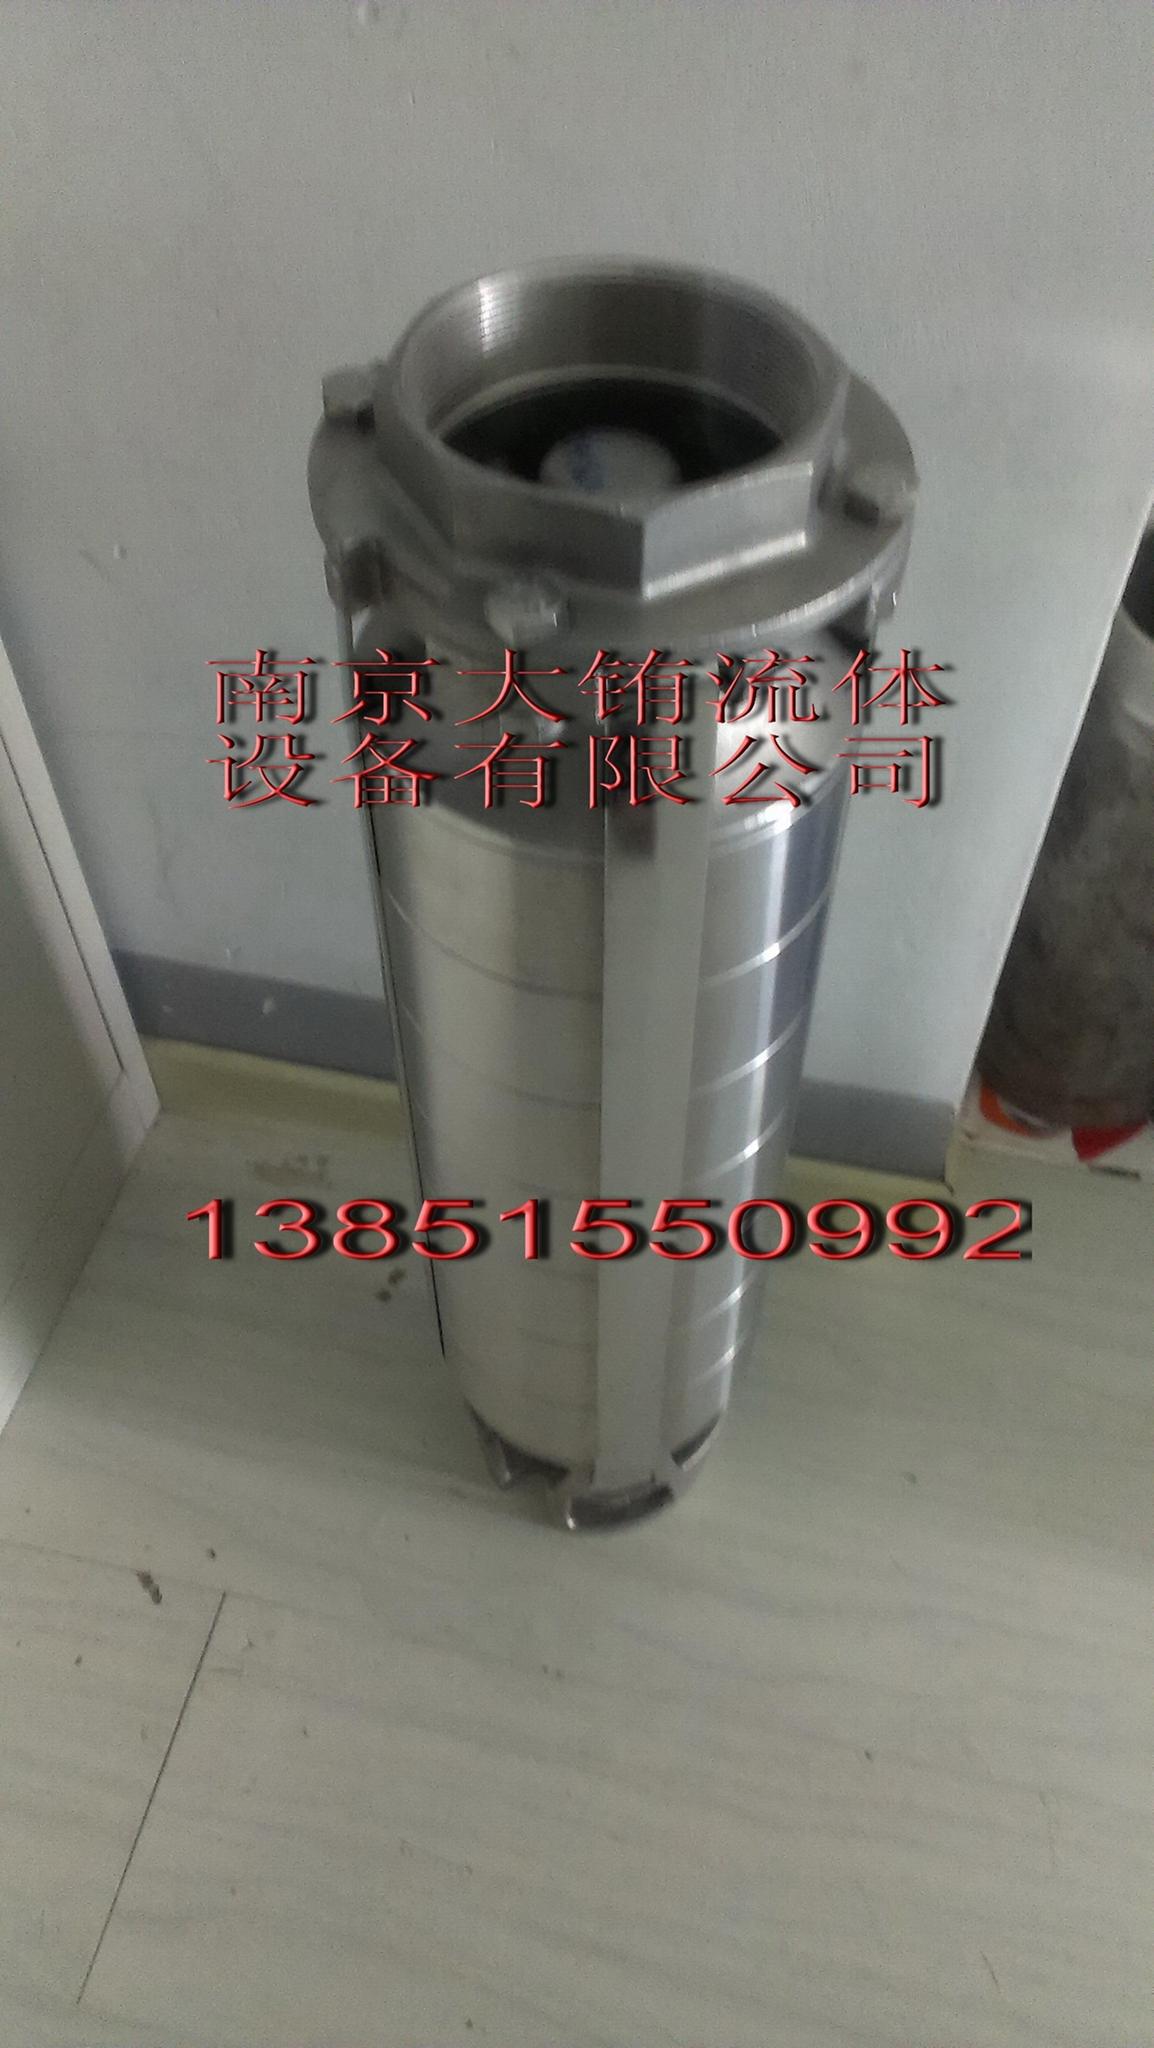 南京富蘭克林深井泵耐磨損耐腐蝕 1